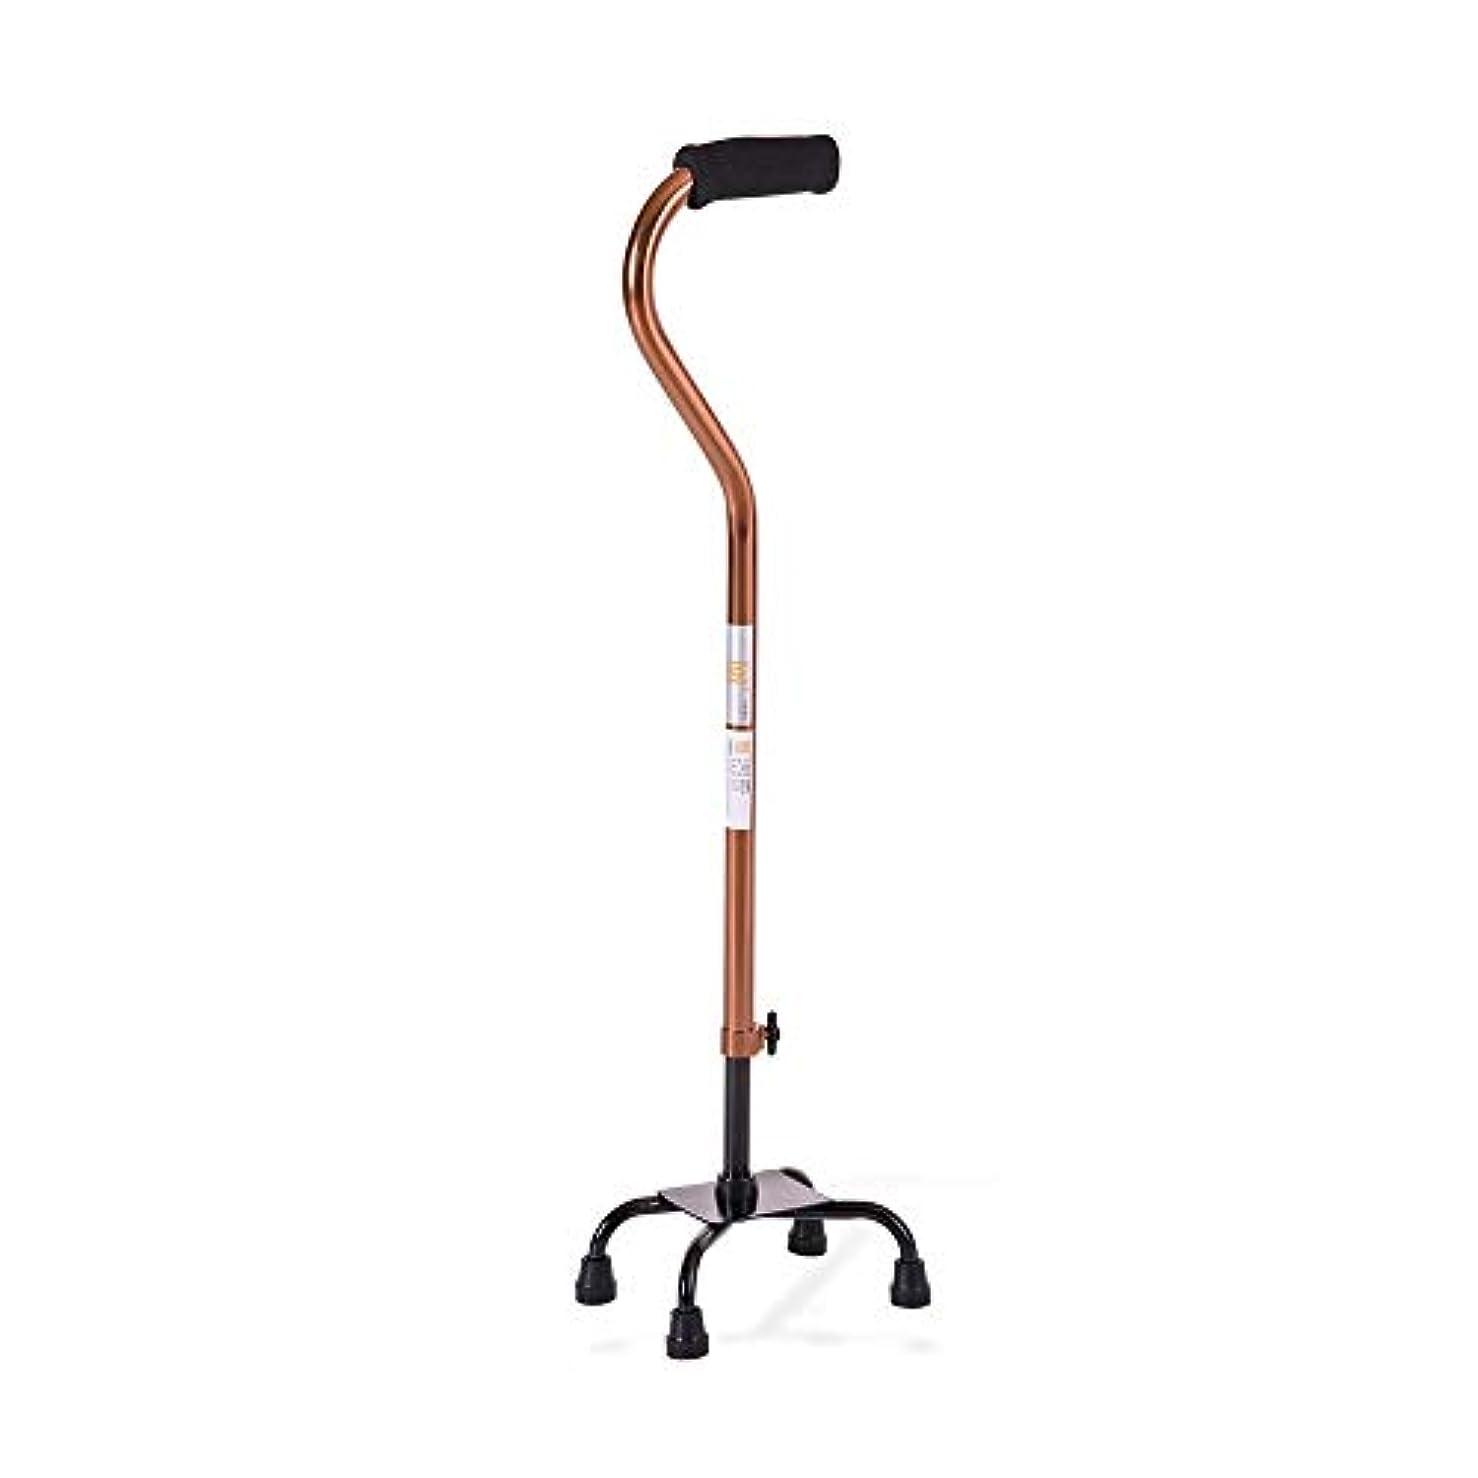 名誉隠すショートカットエクストラストロングベース付きの調整可能な4本脚の杖